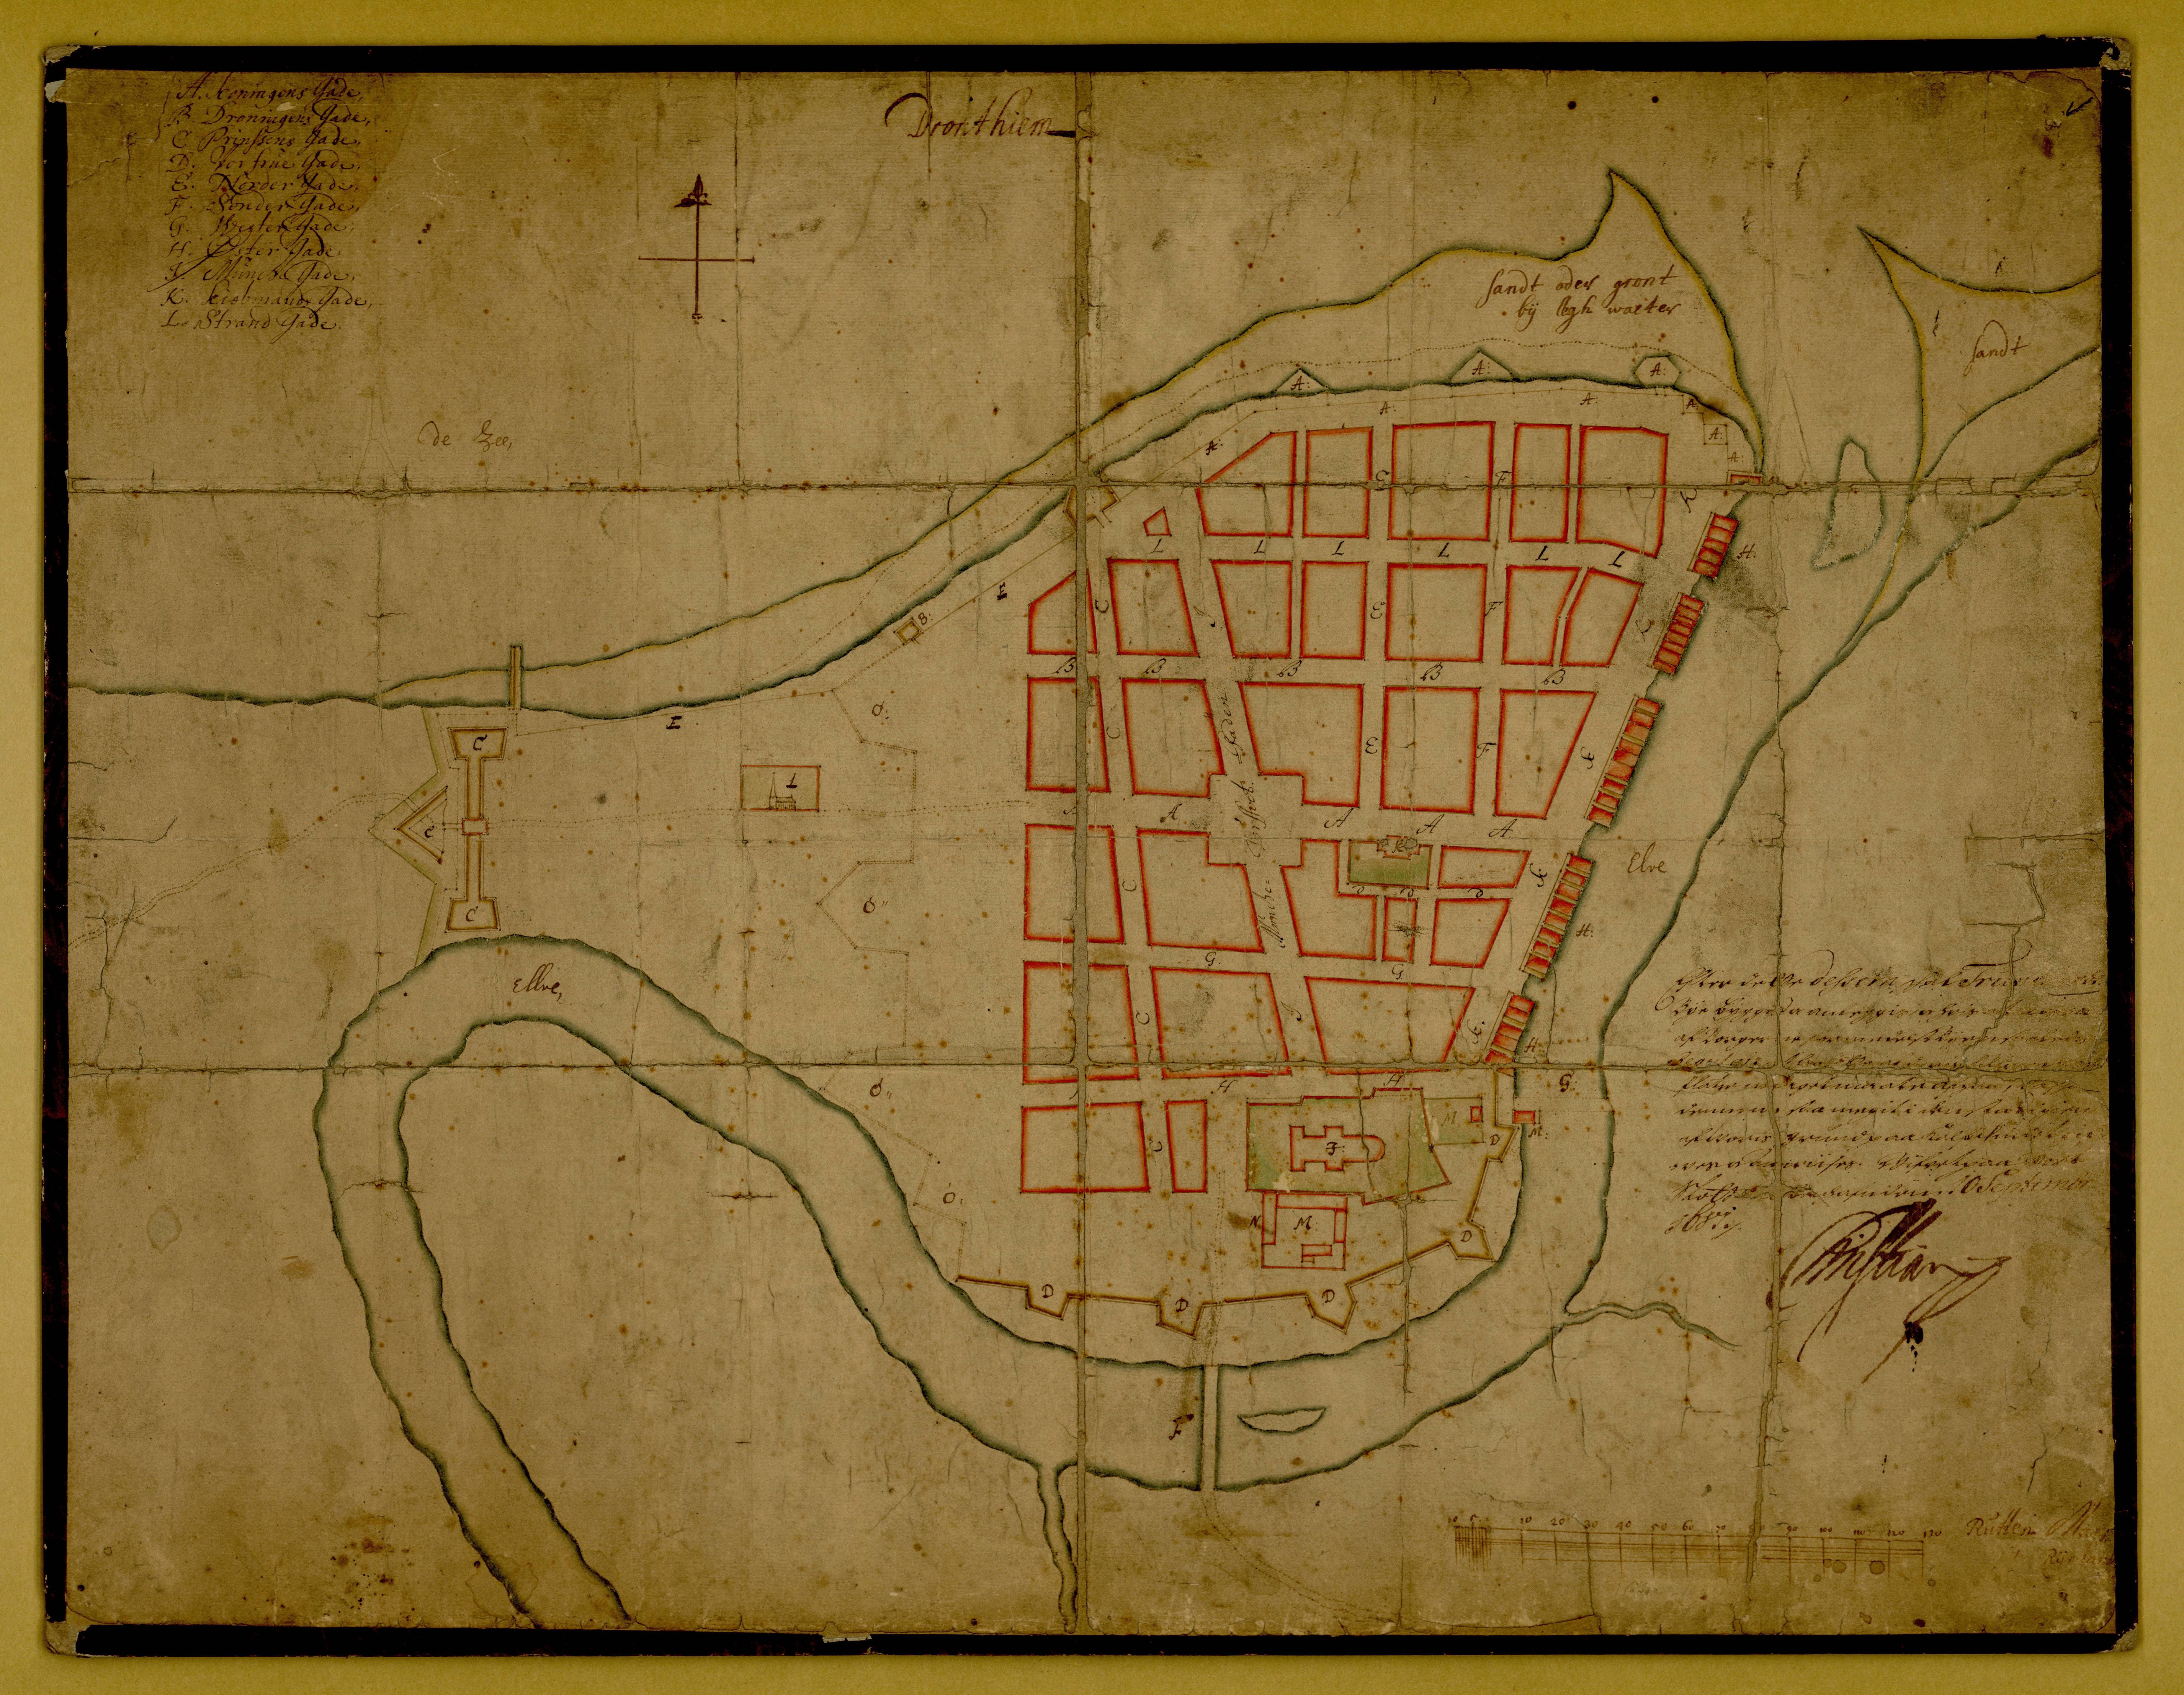 File:Trondheim Cicignons plan 1681.jpg